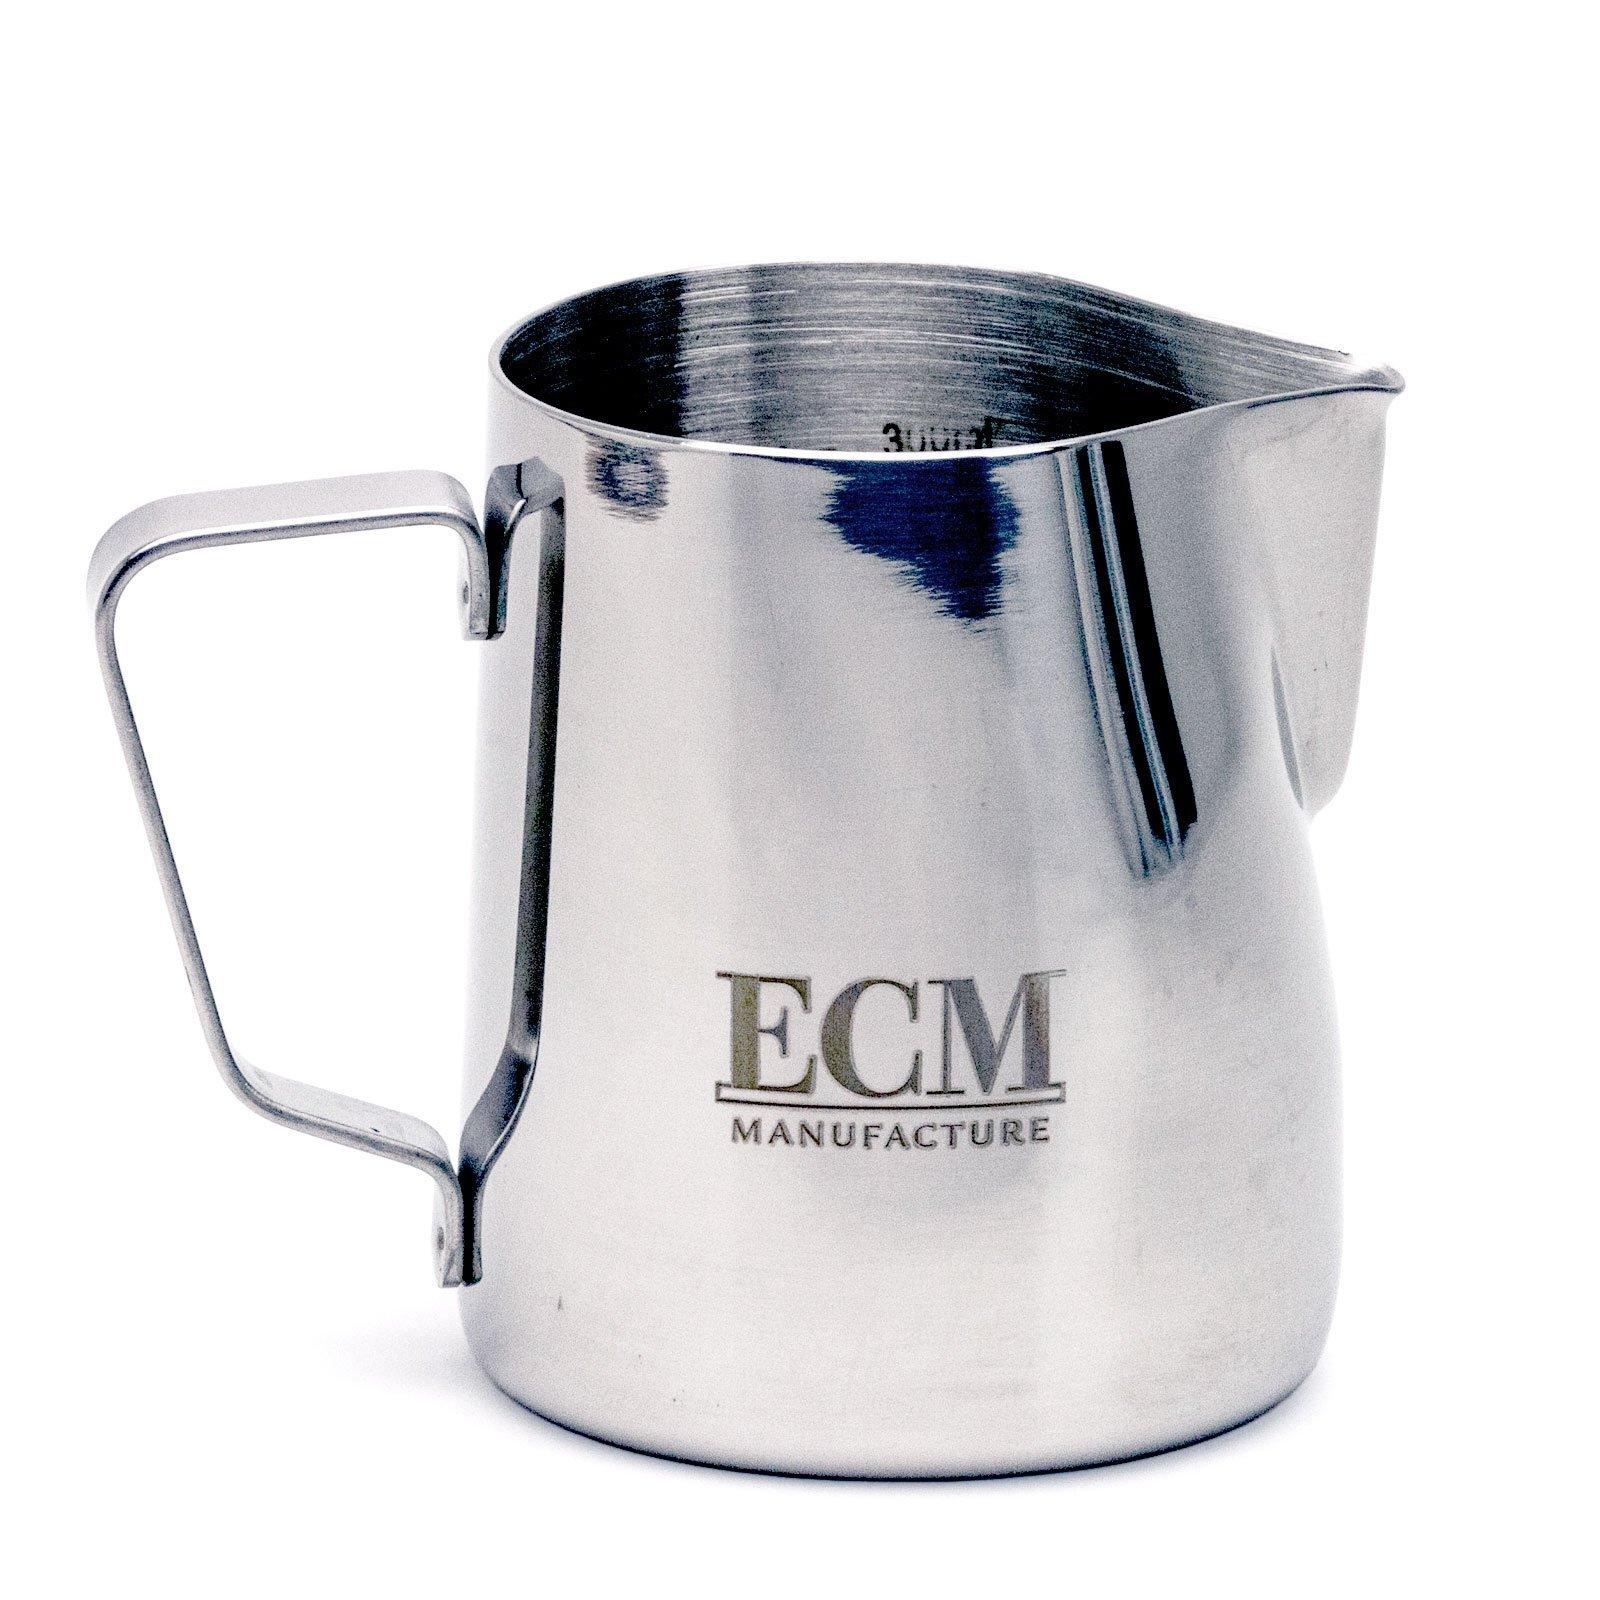 ECM Frothing Picher 360ml - 89460